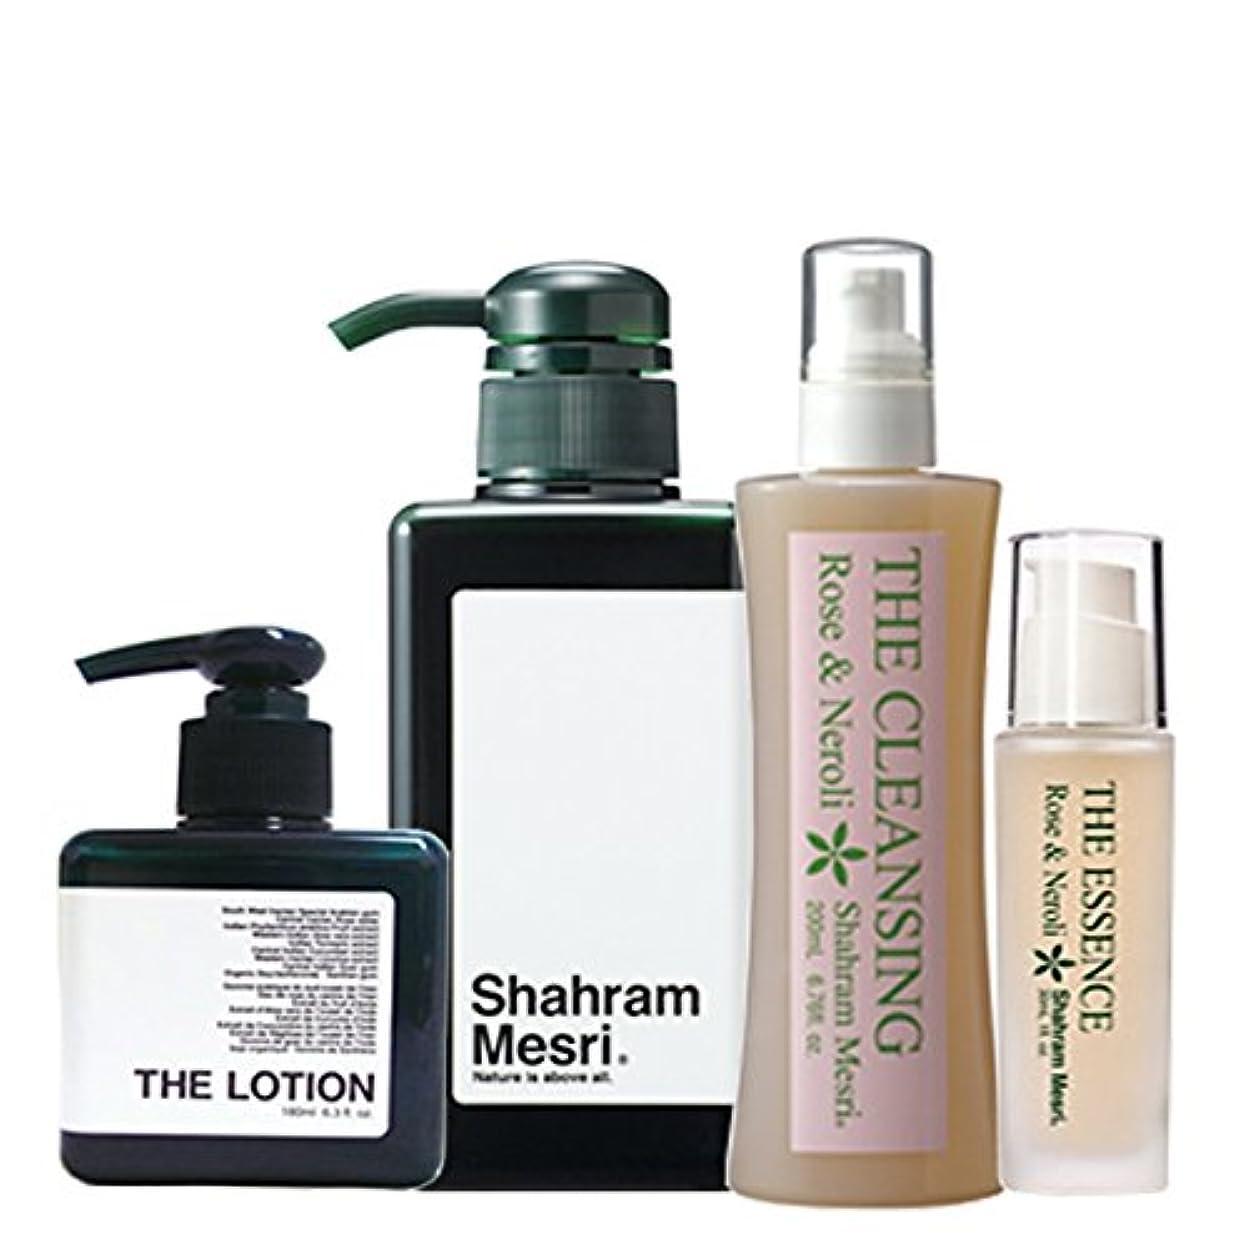 日常的にランタン狂乱Shahram Mesri パーフェクトセット シャハランメスリ ザ?シャンプー ザ?ローション ザ?クレンジング ザ?エッセンス のセットです。 お化粧落としからシャンプーそしてローションエッセンスの仕上げまで お試しください。